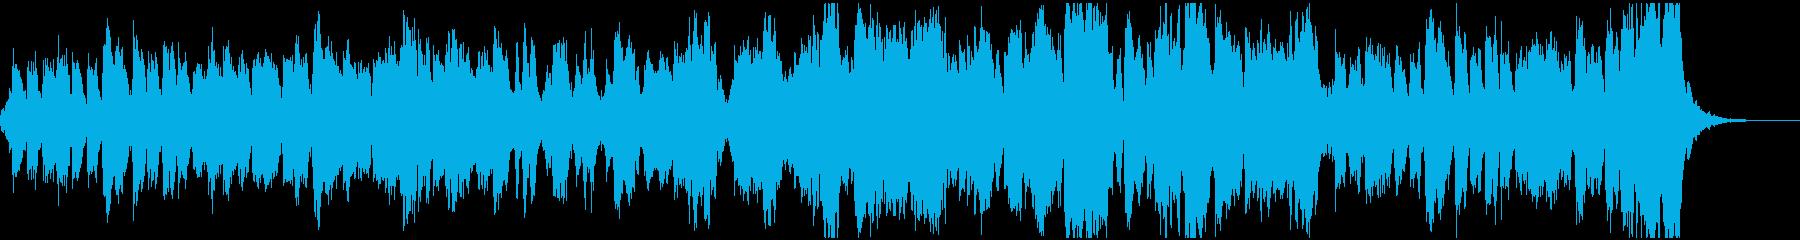 管弦楽による行進曲の再生済みの波形